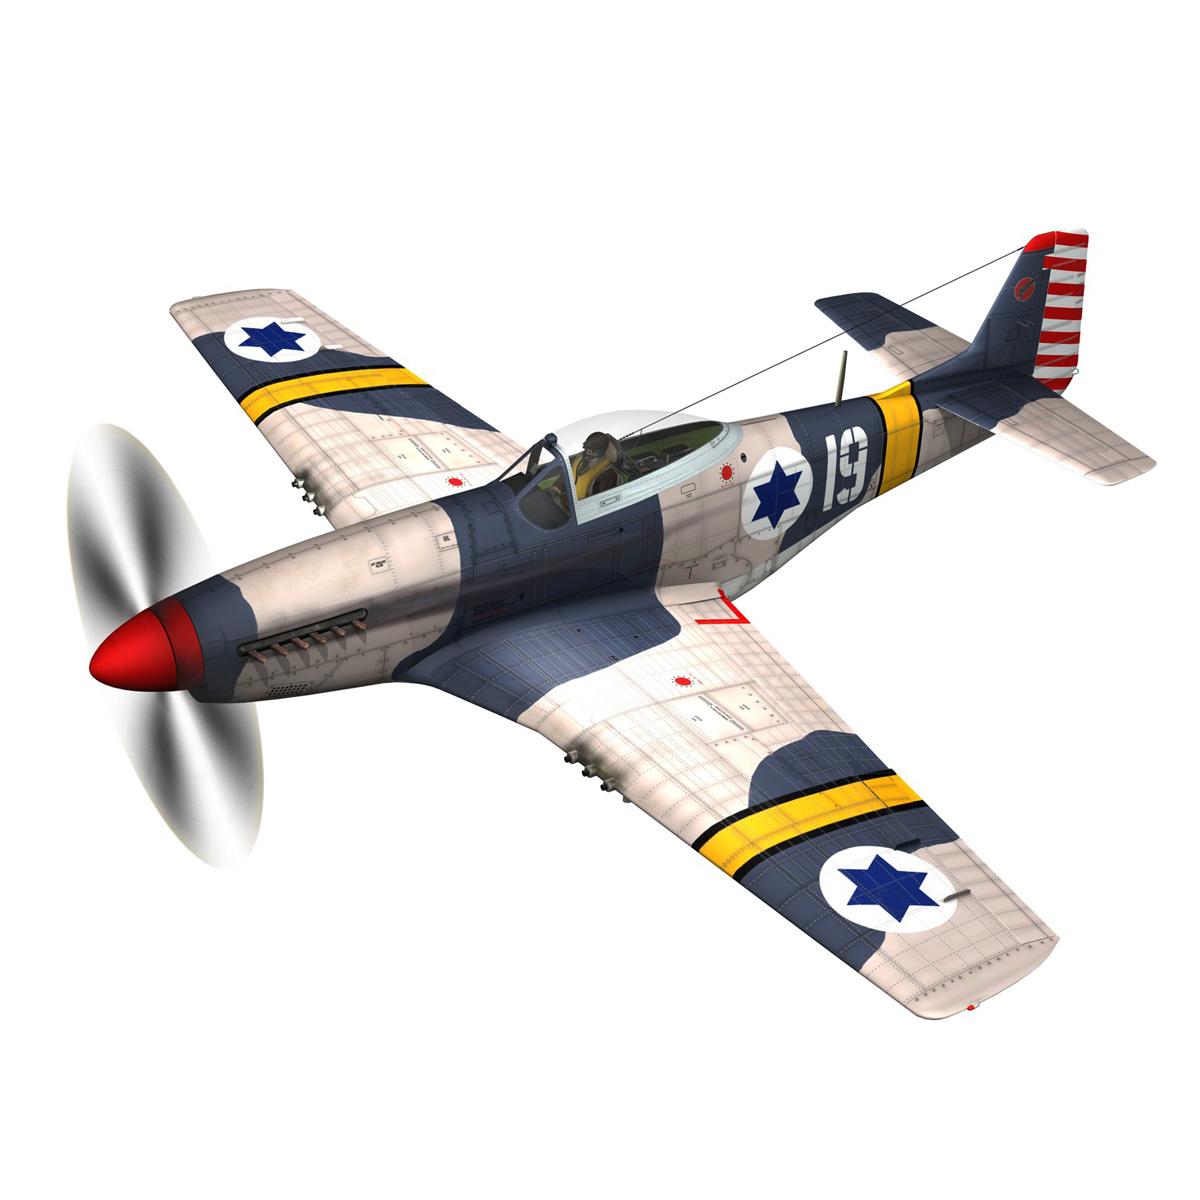 North American P-51D Mustang - IDF 3d model fbx c4d lwo lws lw obj 273307